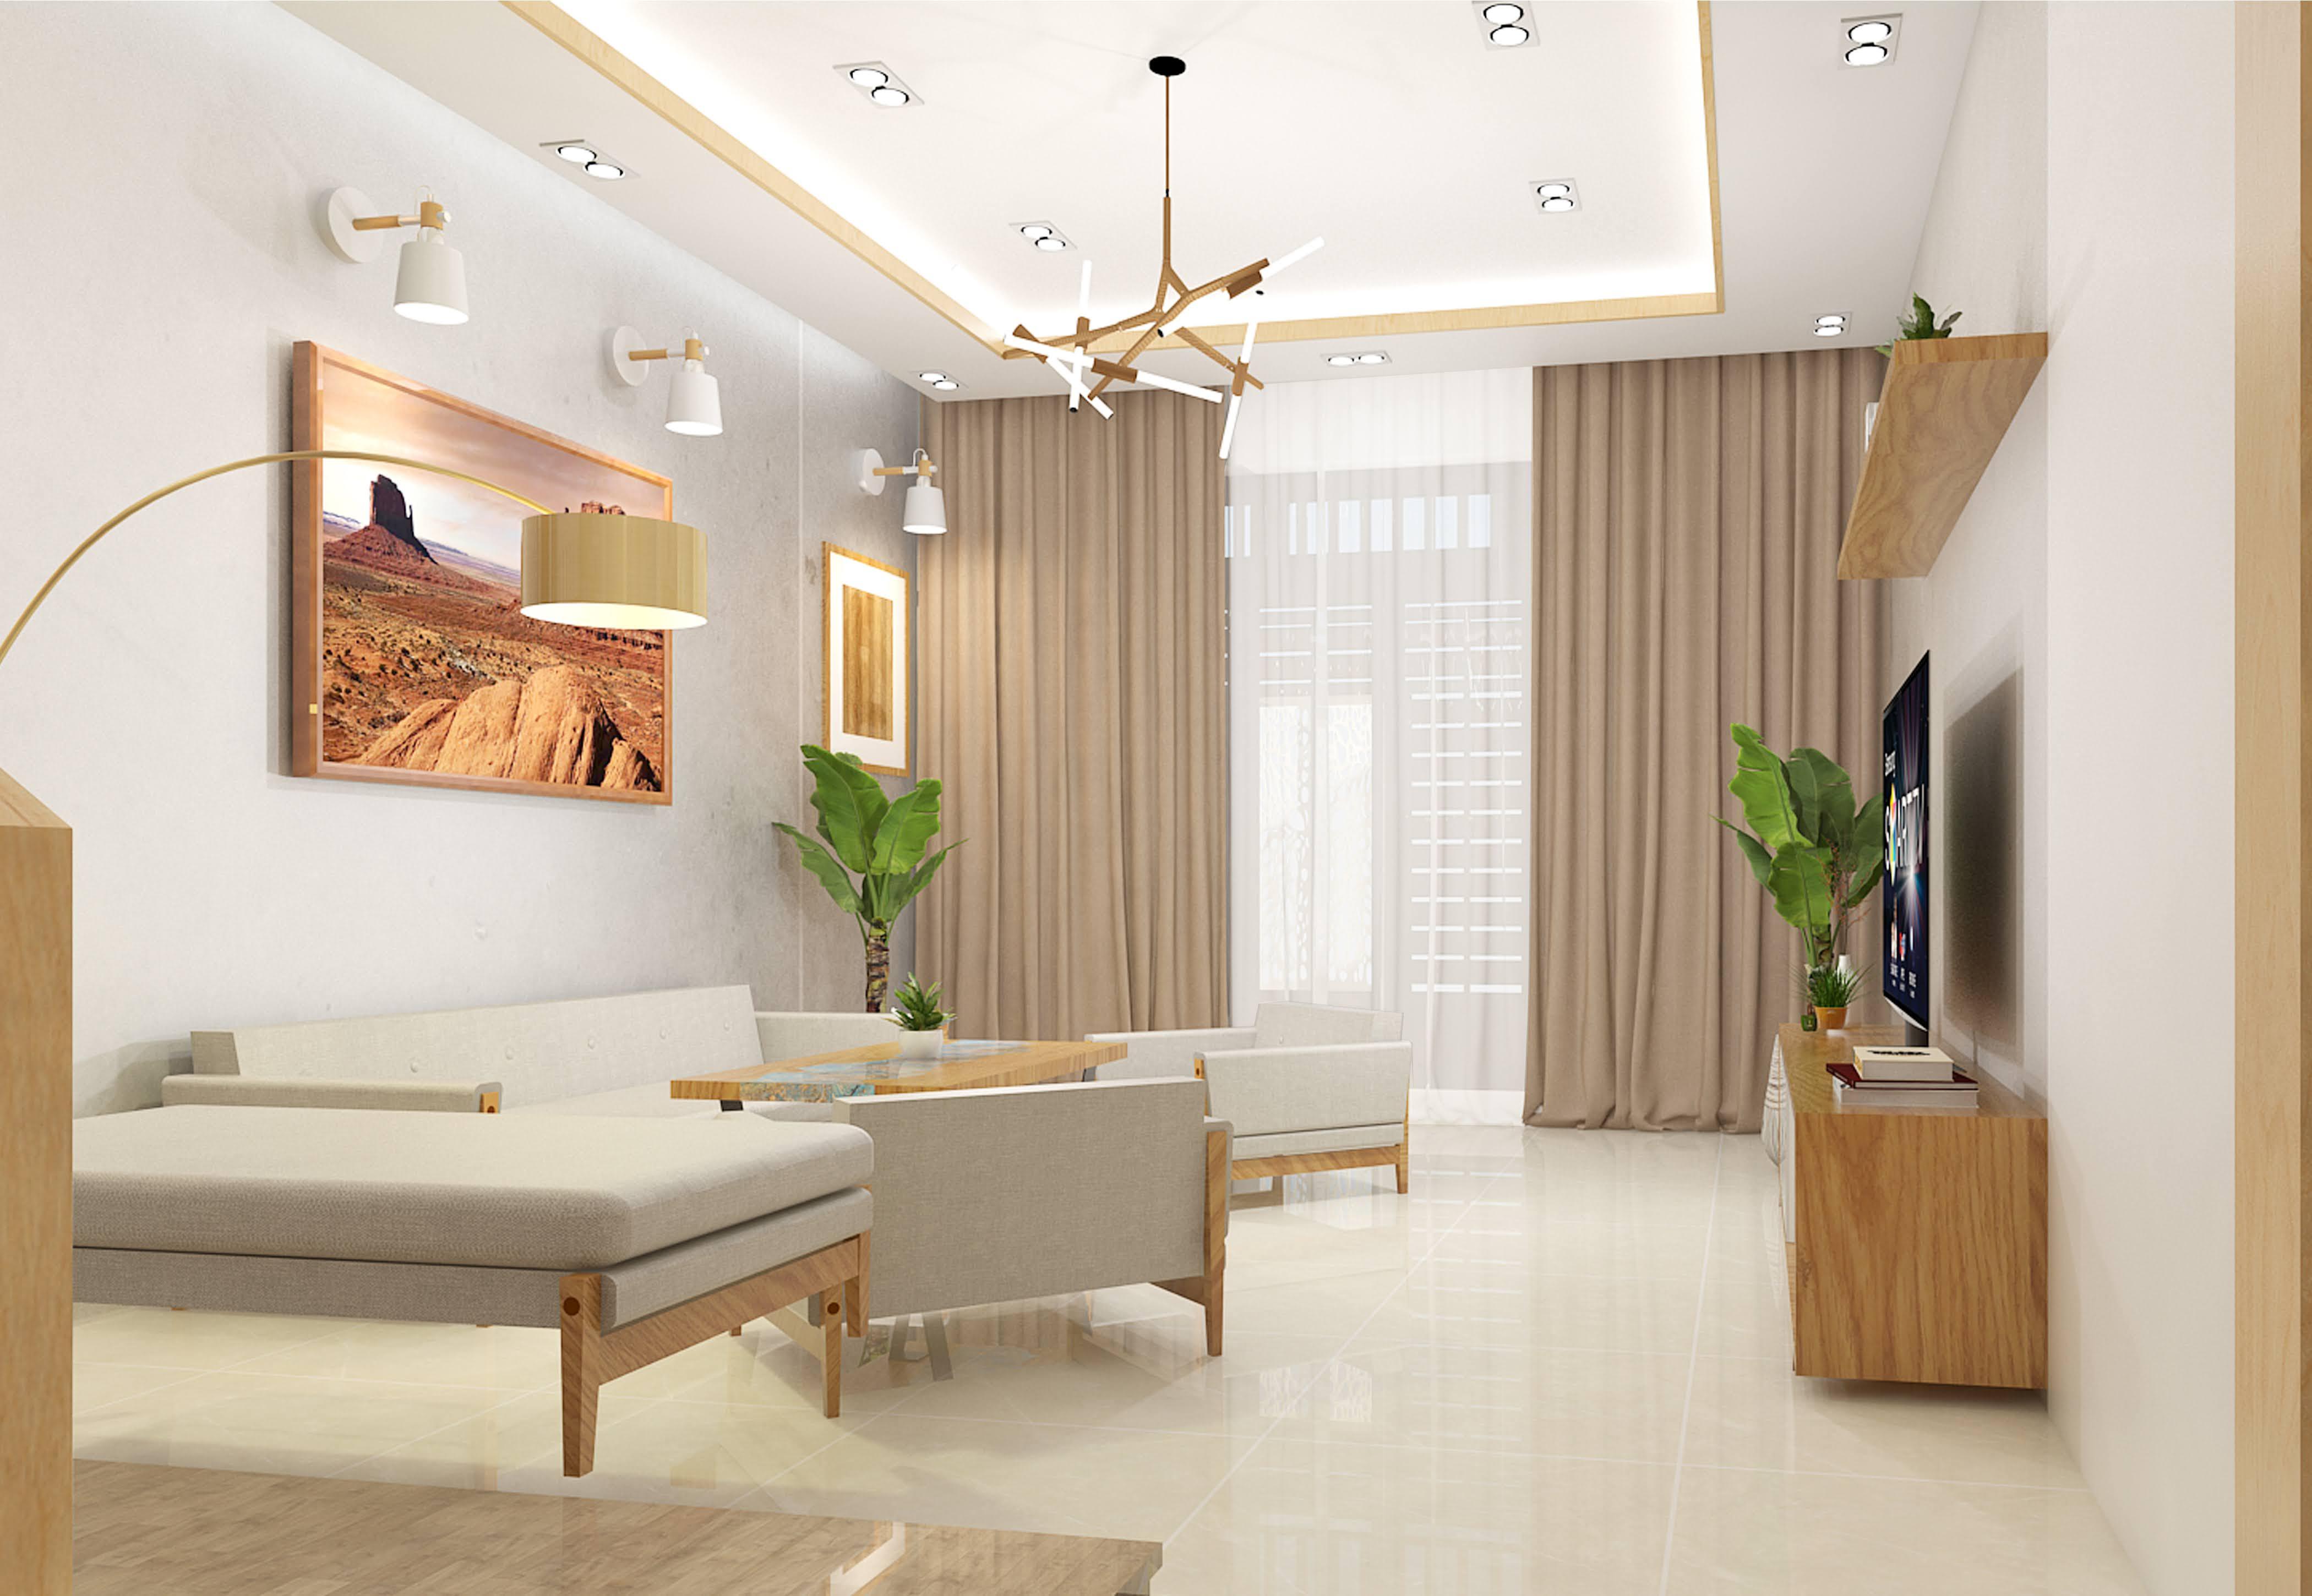 Thiết kế nội thất Nhà Mặt Phố tại Bình Thuận INTERIOR Mr.THANH I PHAN THIET 1582559446 1